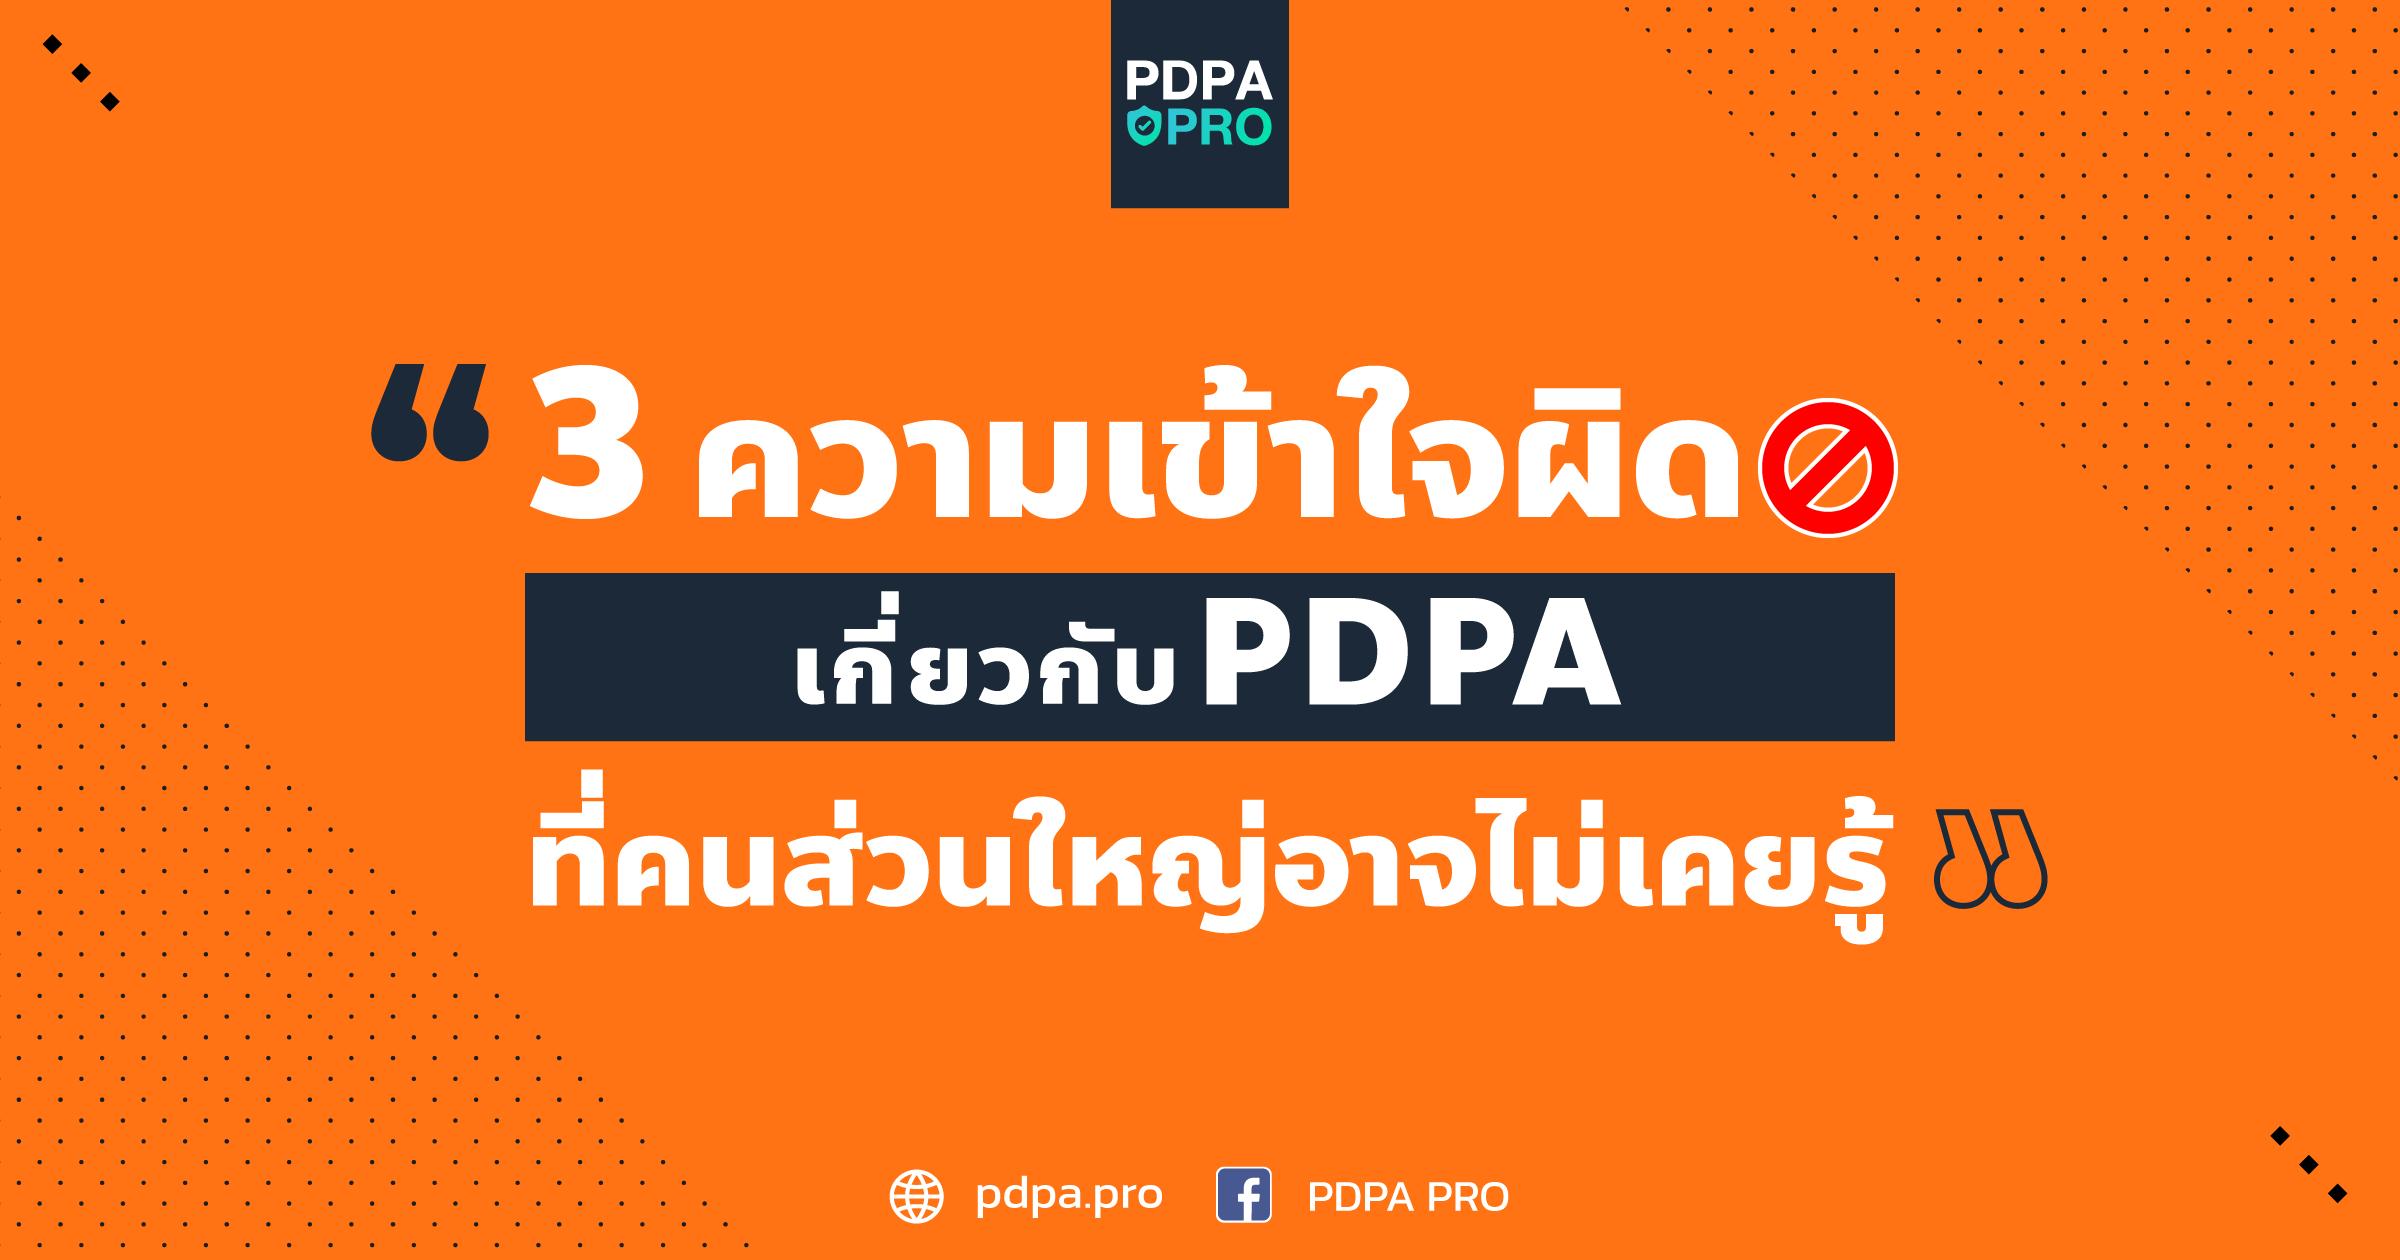 3 ความเข้าใจผิดเกี่ยวกับ PDPA ที่คนส่วนใหญ่อาจไม่เคยรู้